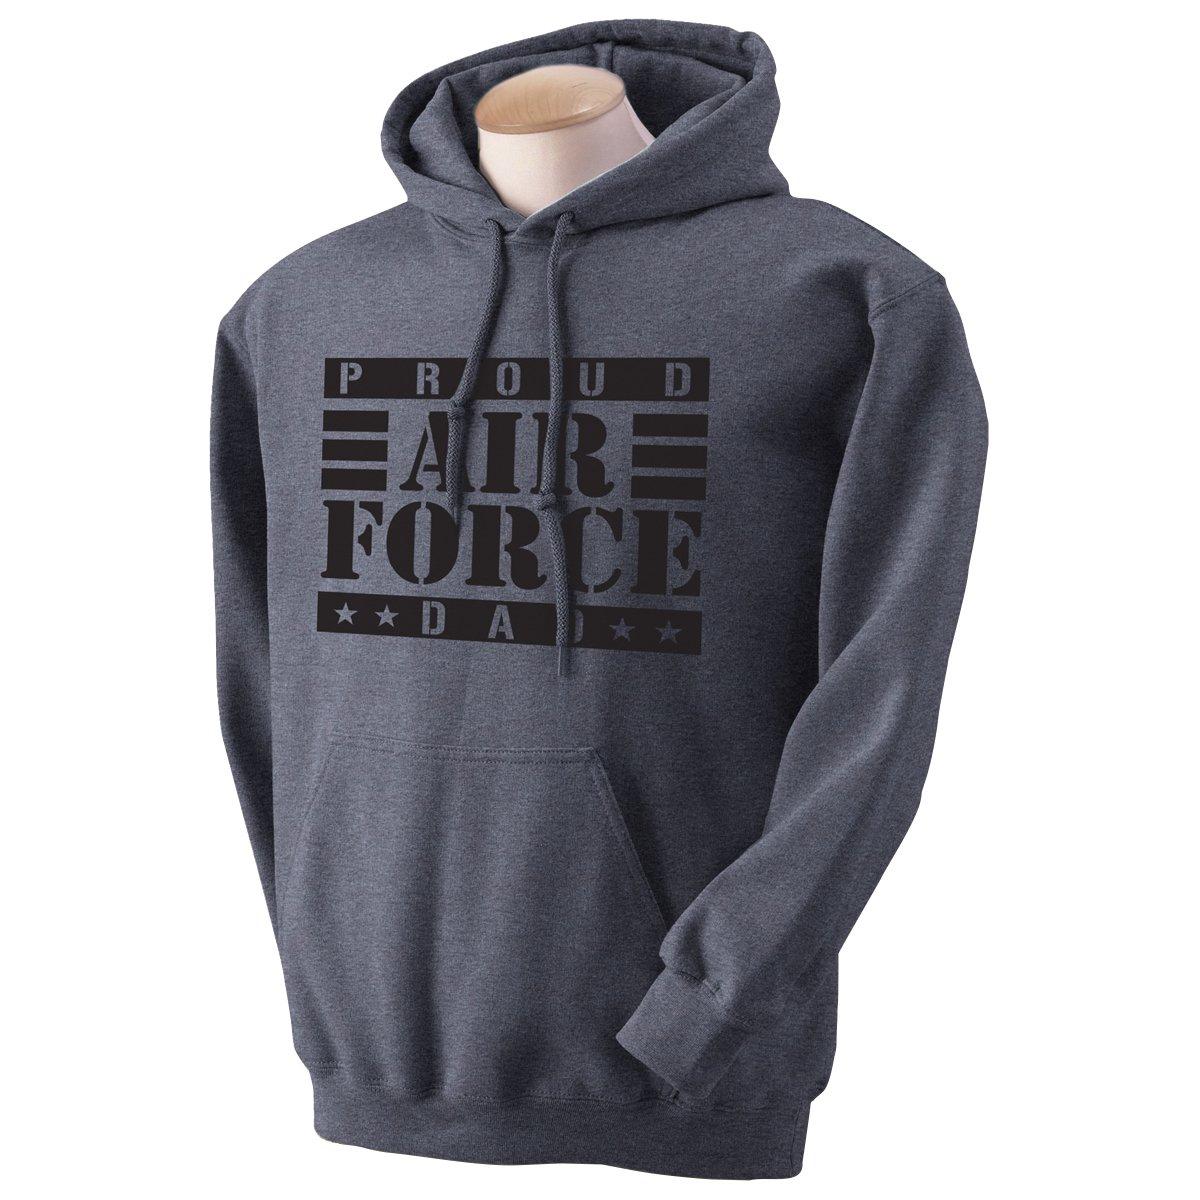 Proud Air Force Dad Hooded Sweatshirt PA-1282